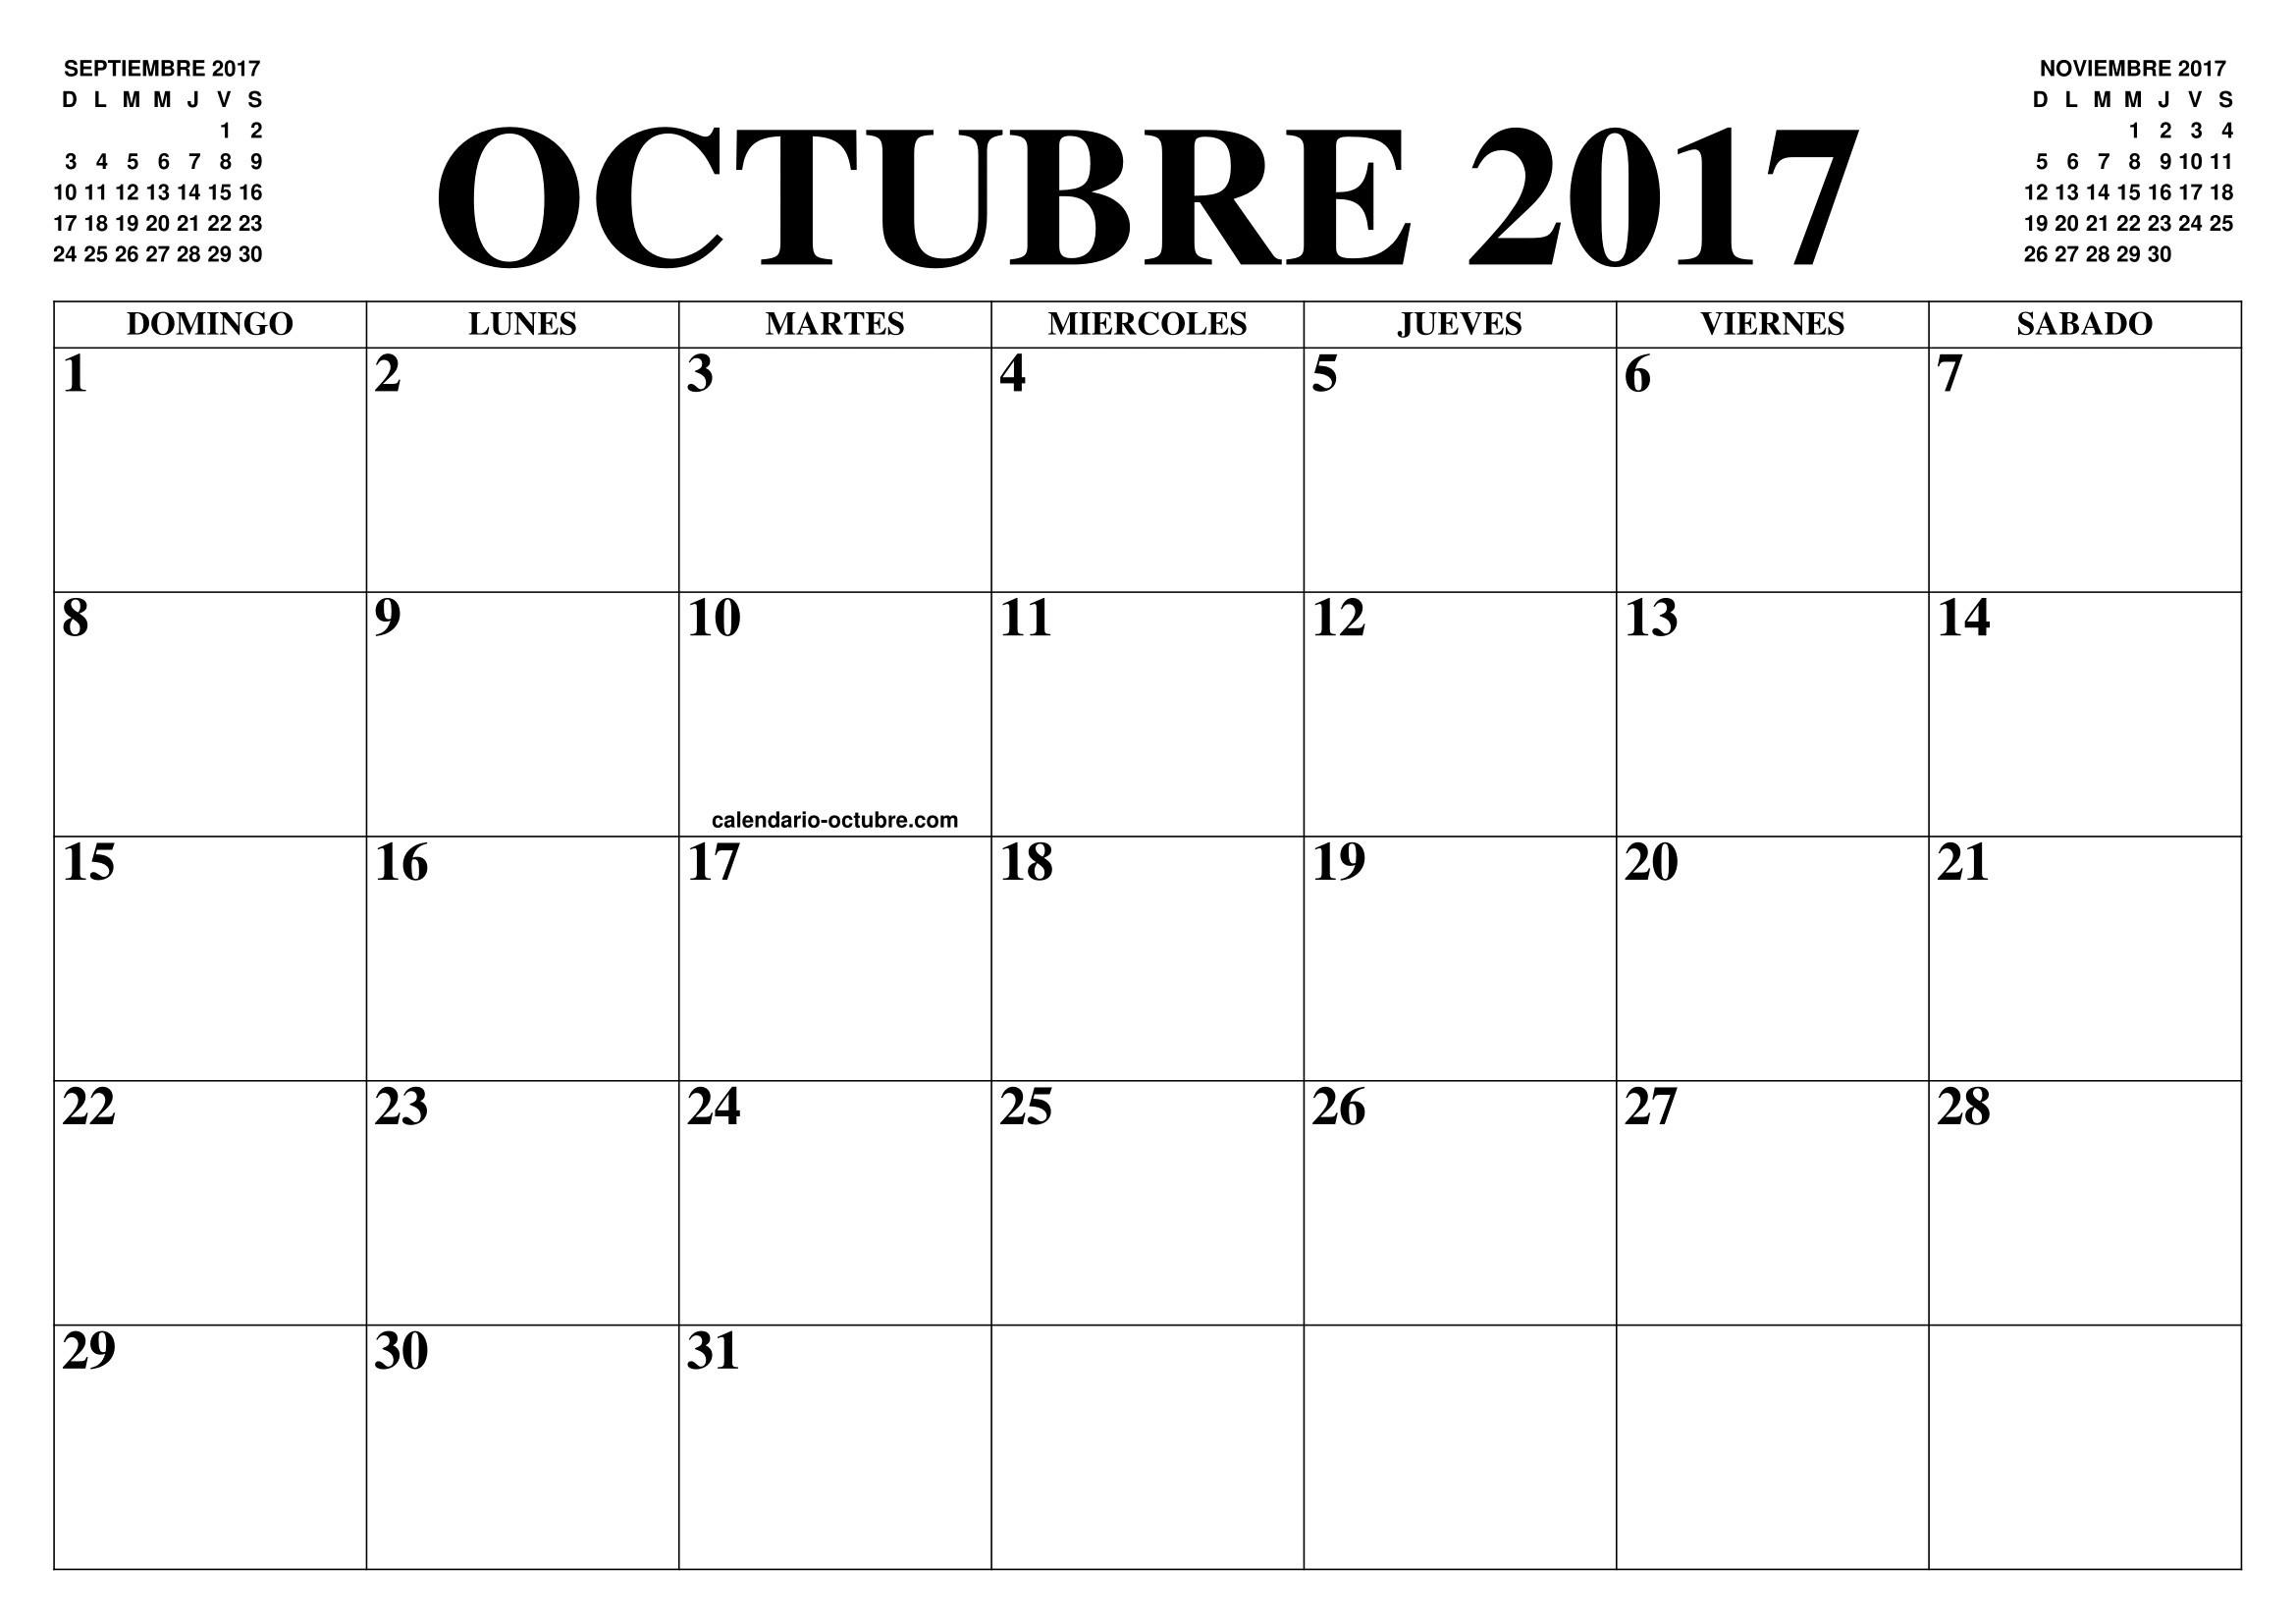 calendario octubre 2017 el calendario octubre para imprimir gratis mes y ano agenda Mrwonderful descargable gratis calendario septiembre 2015 ordenador